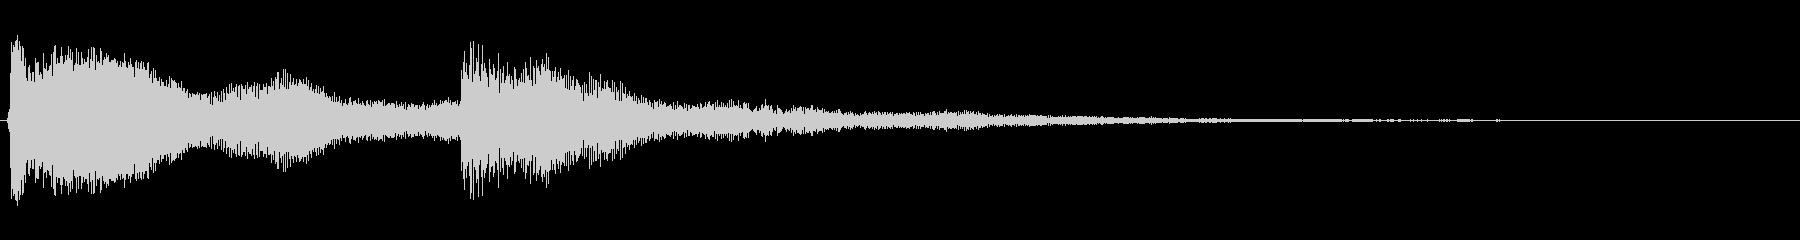 カンカラン(鐘のような金属音)の未再生の波形